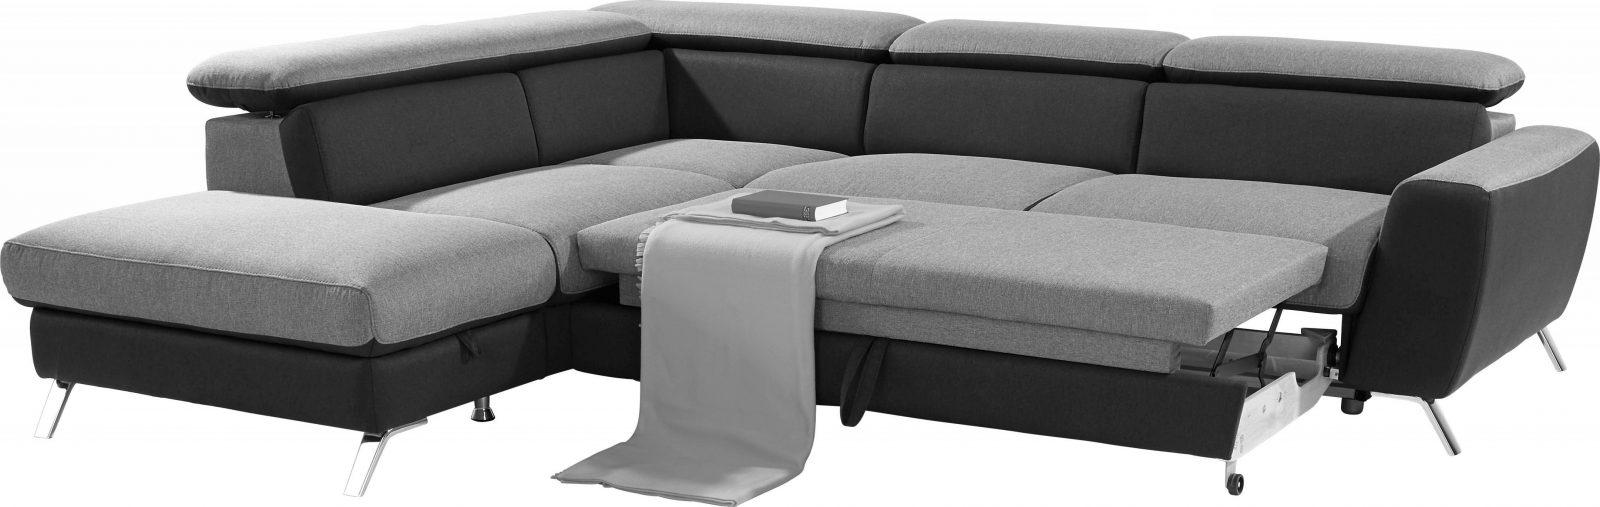 Polstermöbel Mit Schlaffunktion Online Kaufen von Ecksofa Mit Schlaffunktion Gebraucht Photo